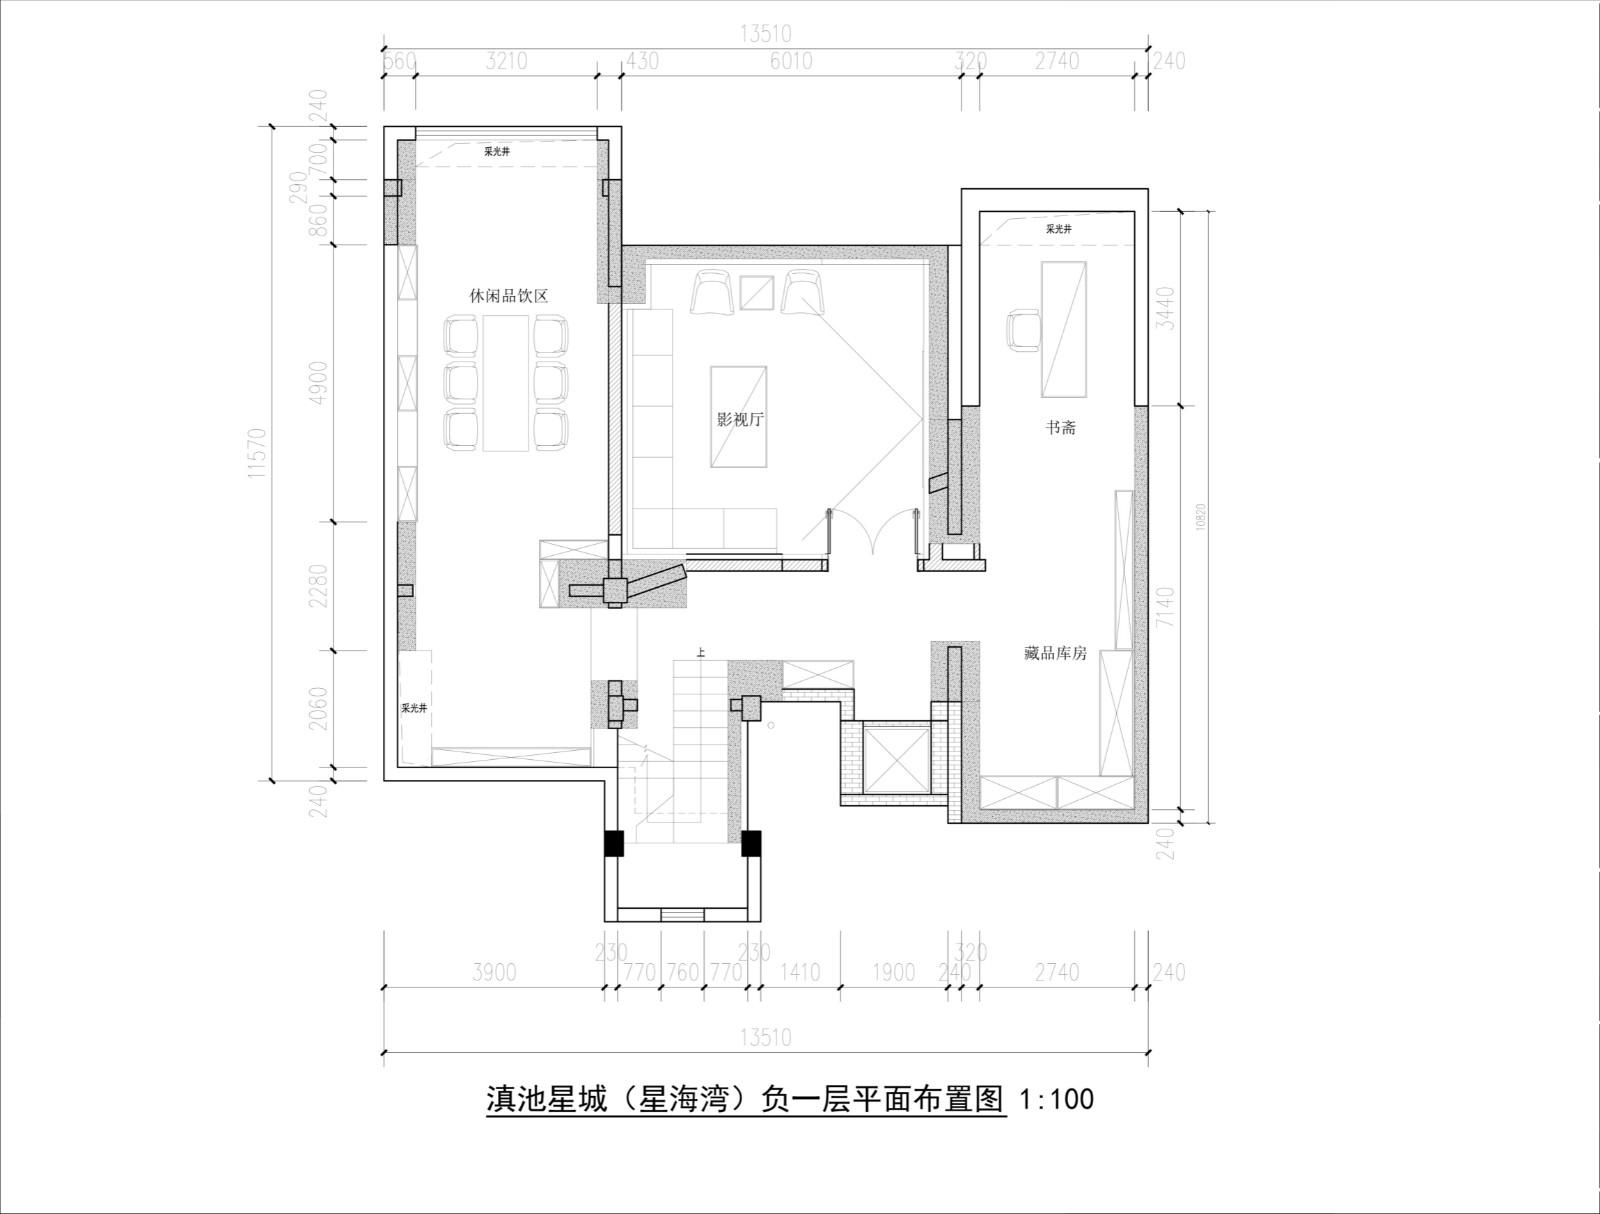 昆明 · 星海灣別墅設計丨長空創作插图46